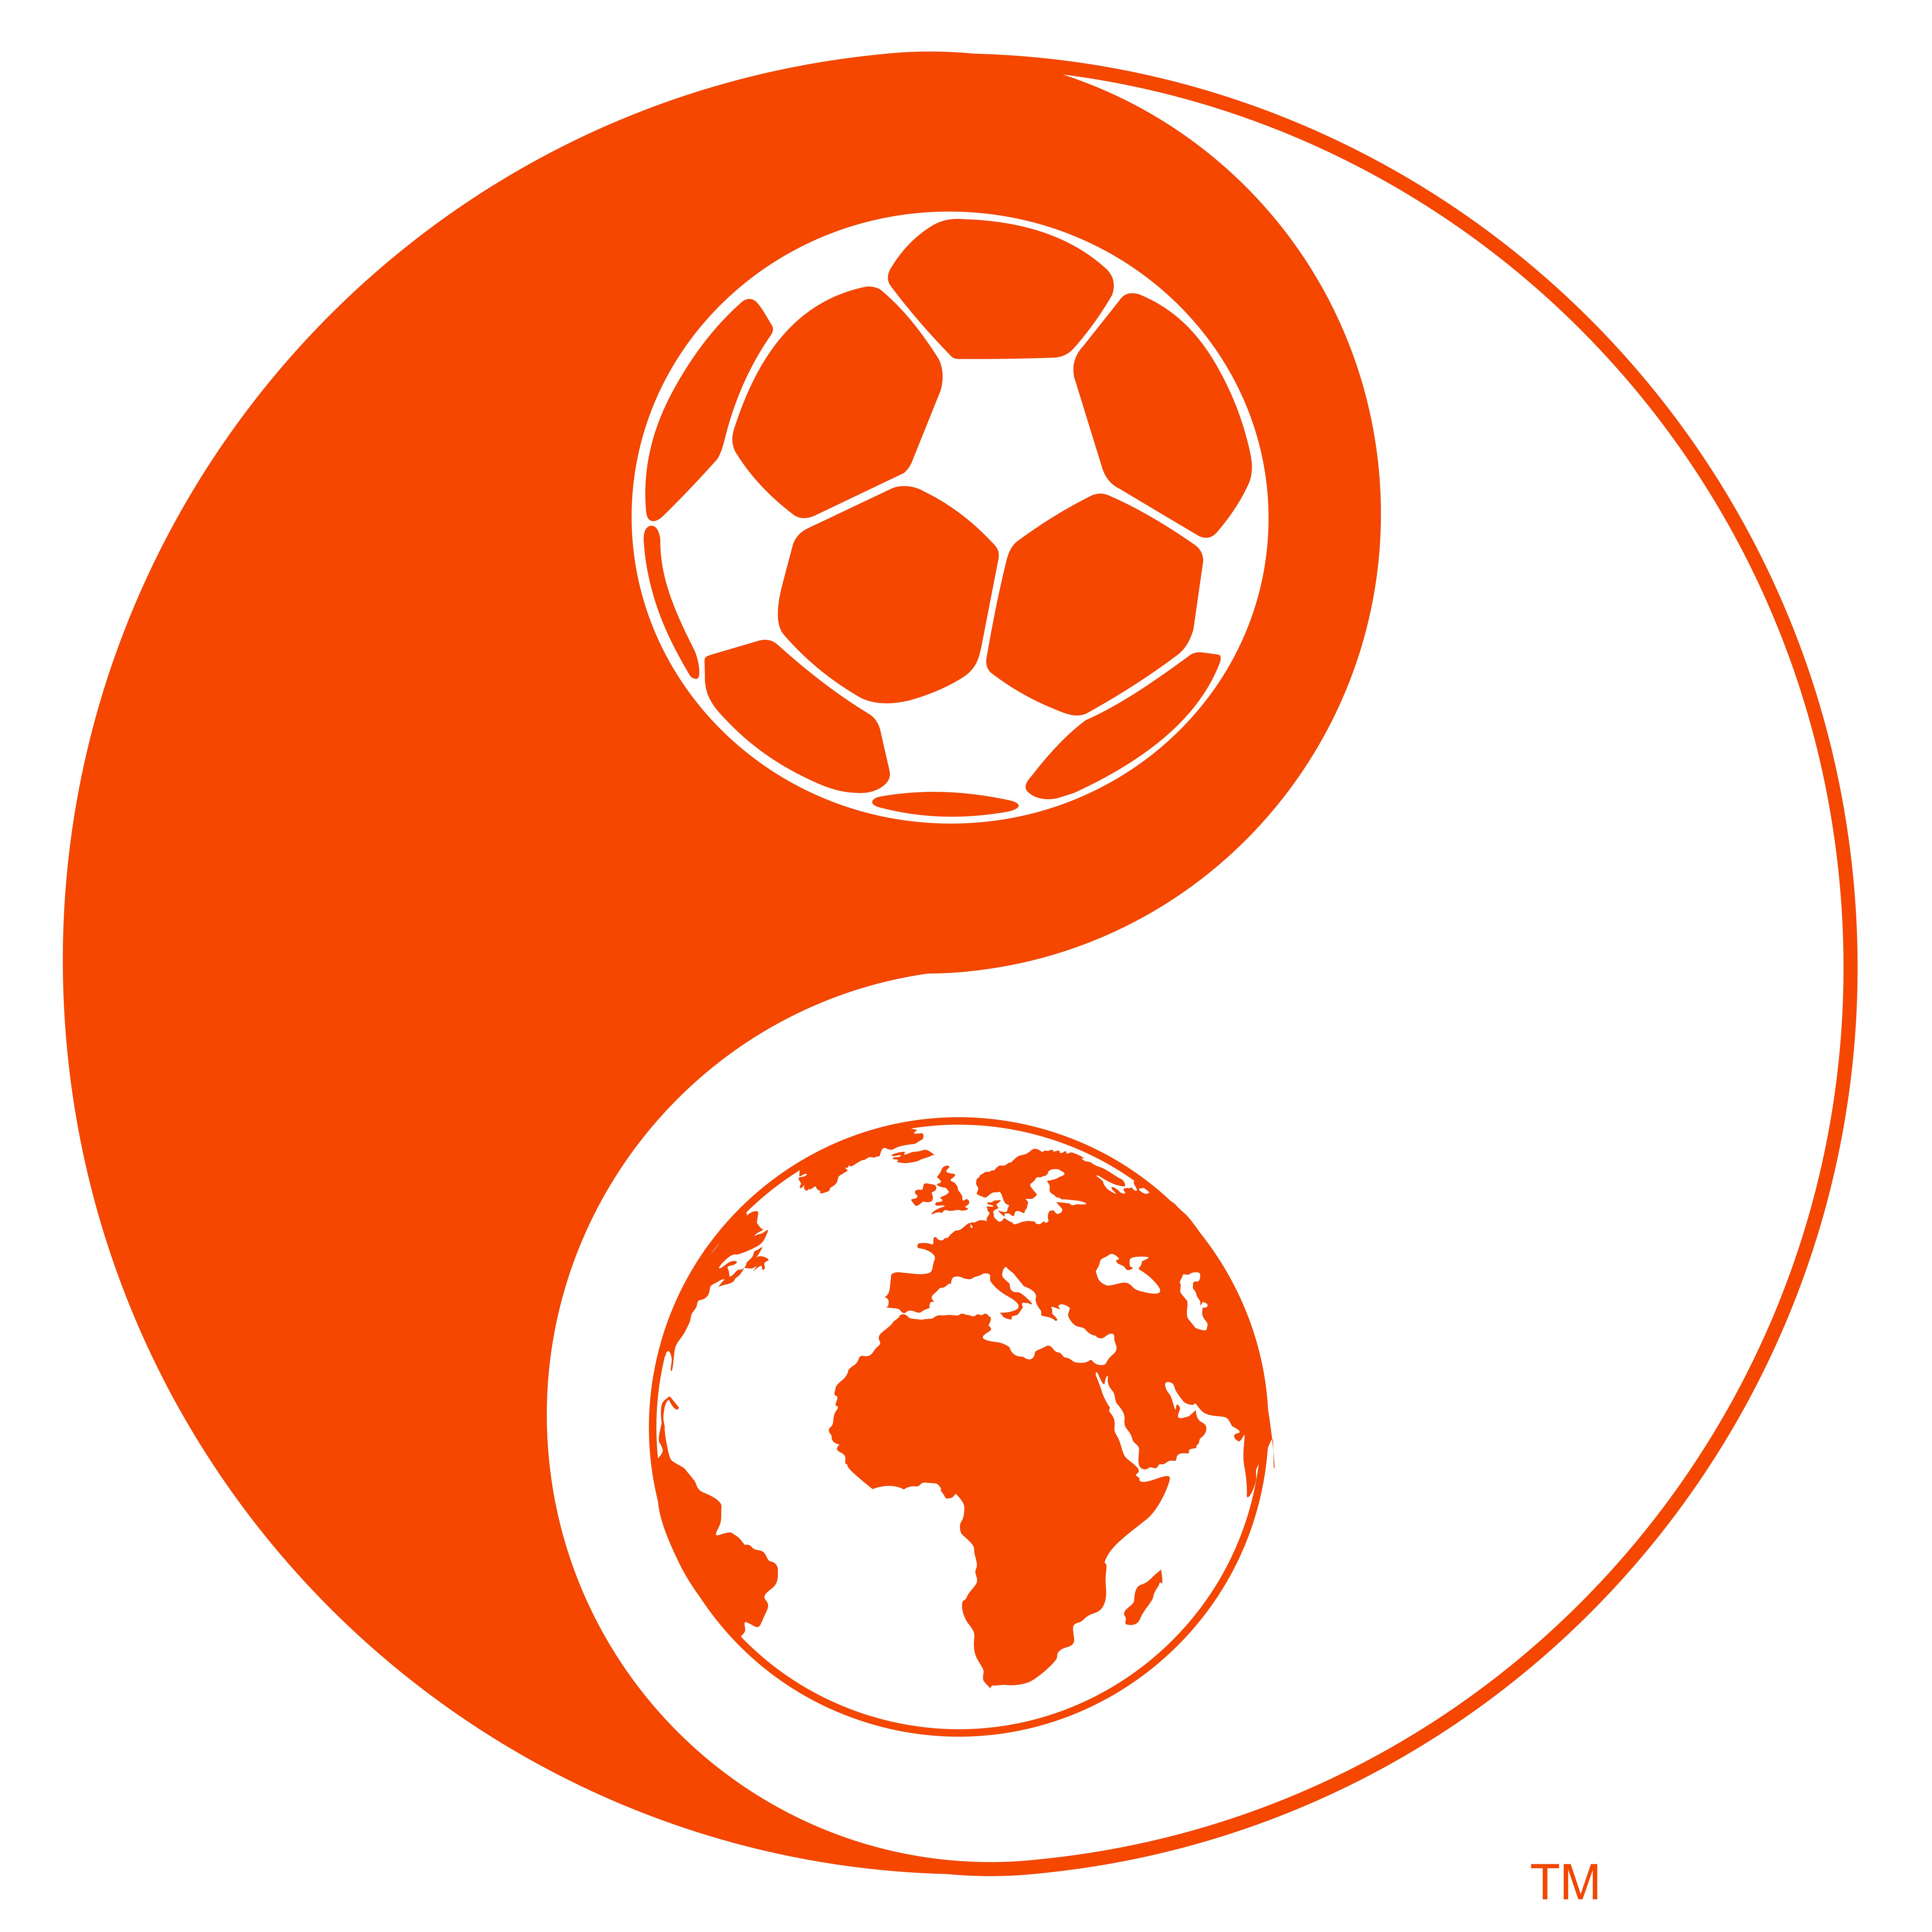 soul of soccer